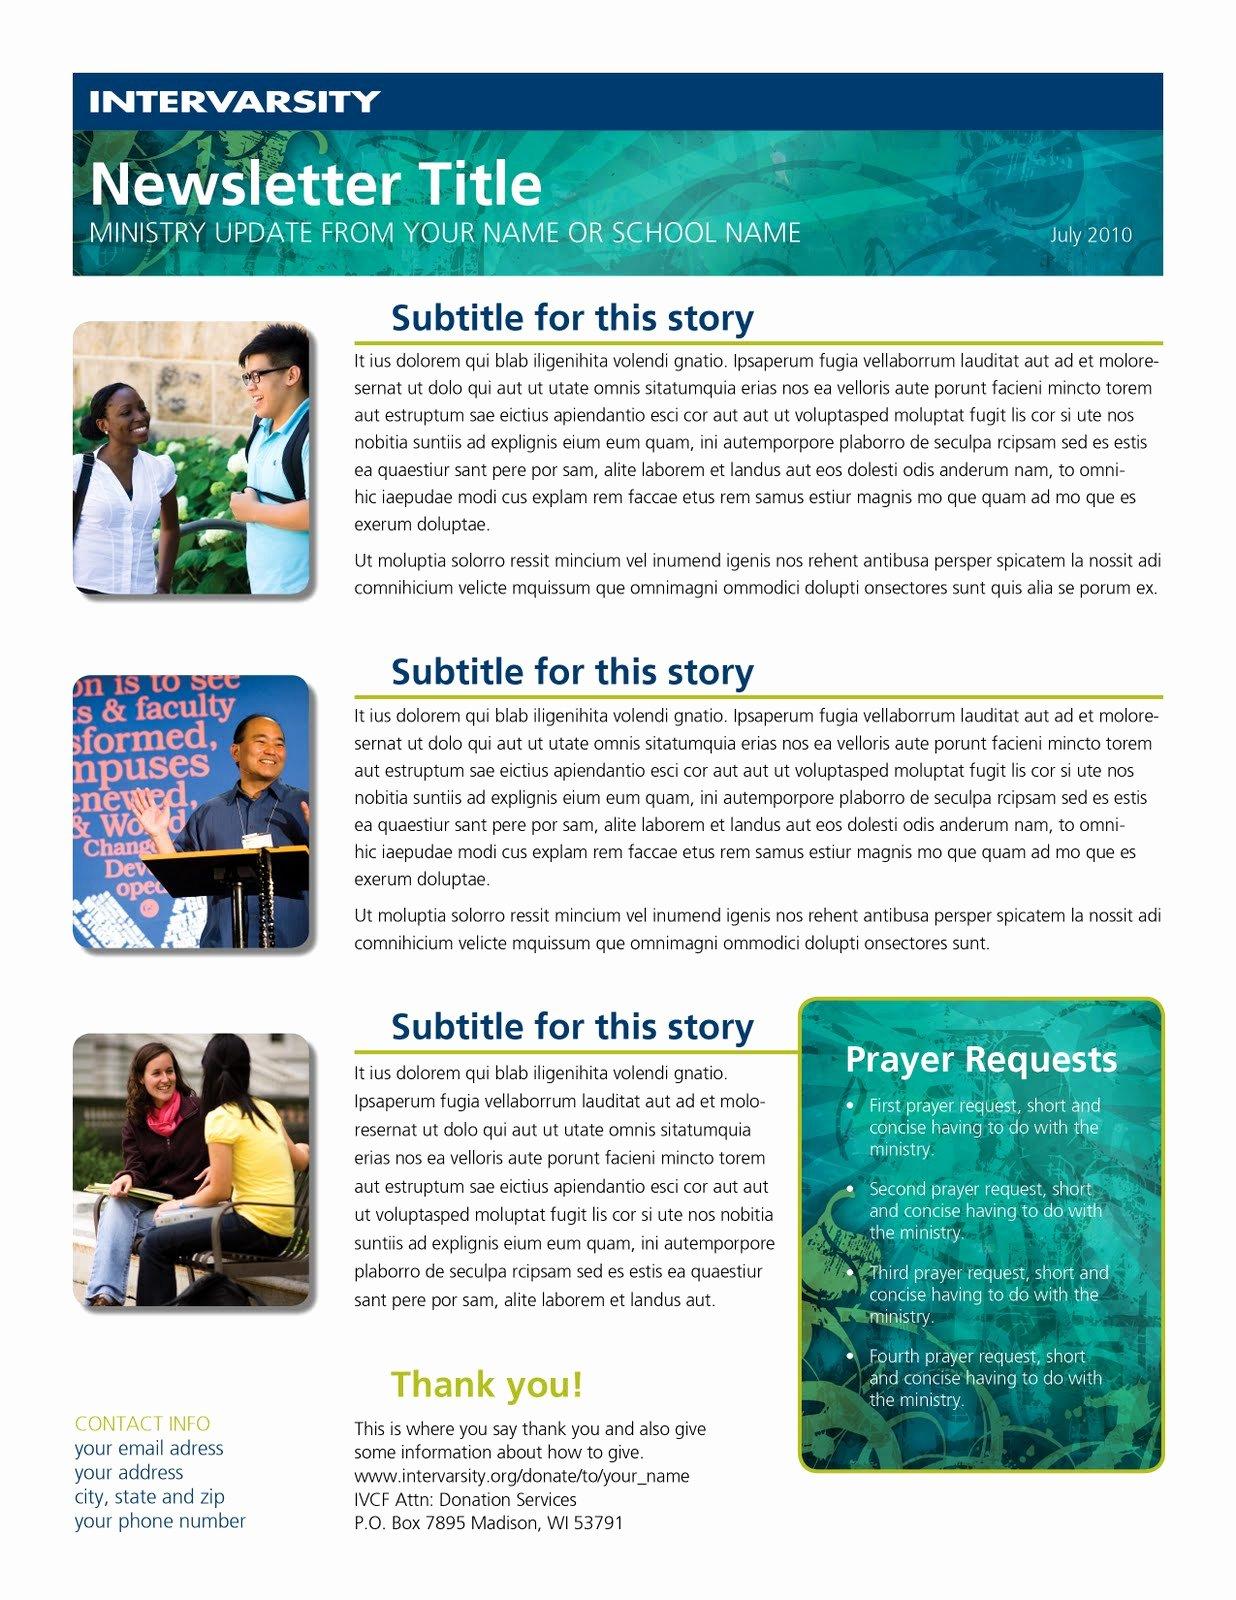 Missions Support Letter Template Fresh La Raison D être Prayer Letter Templates